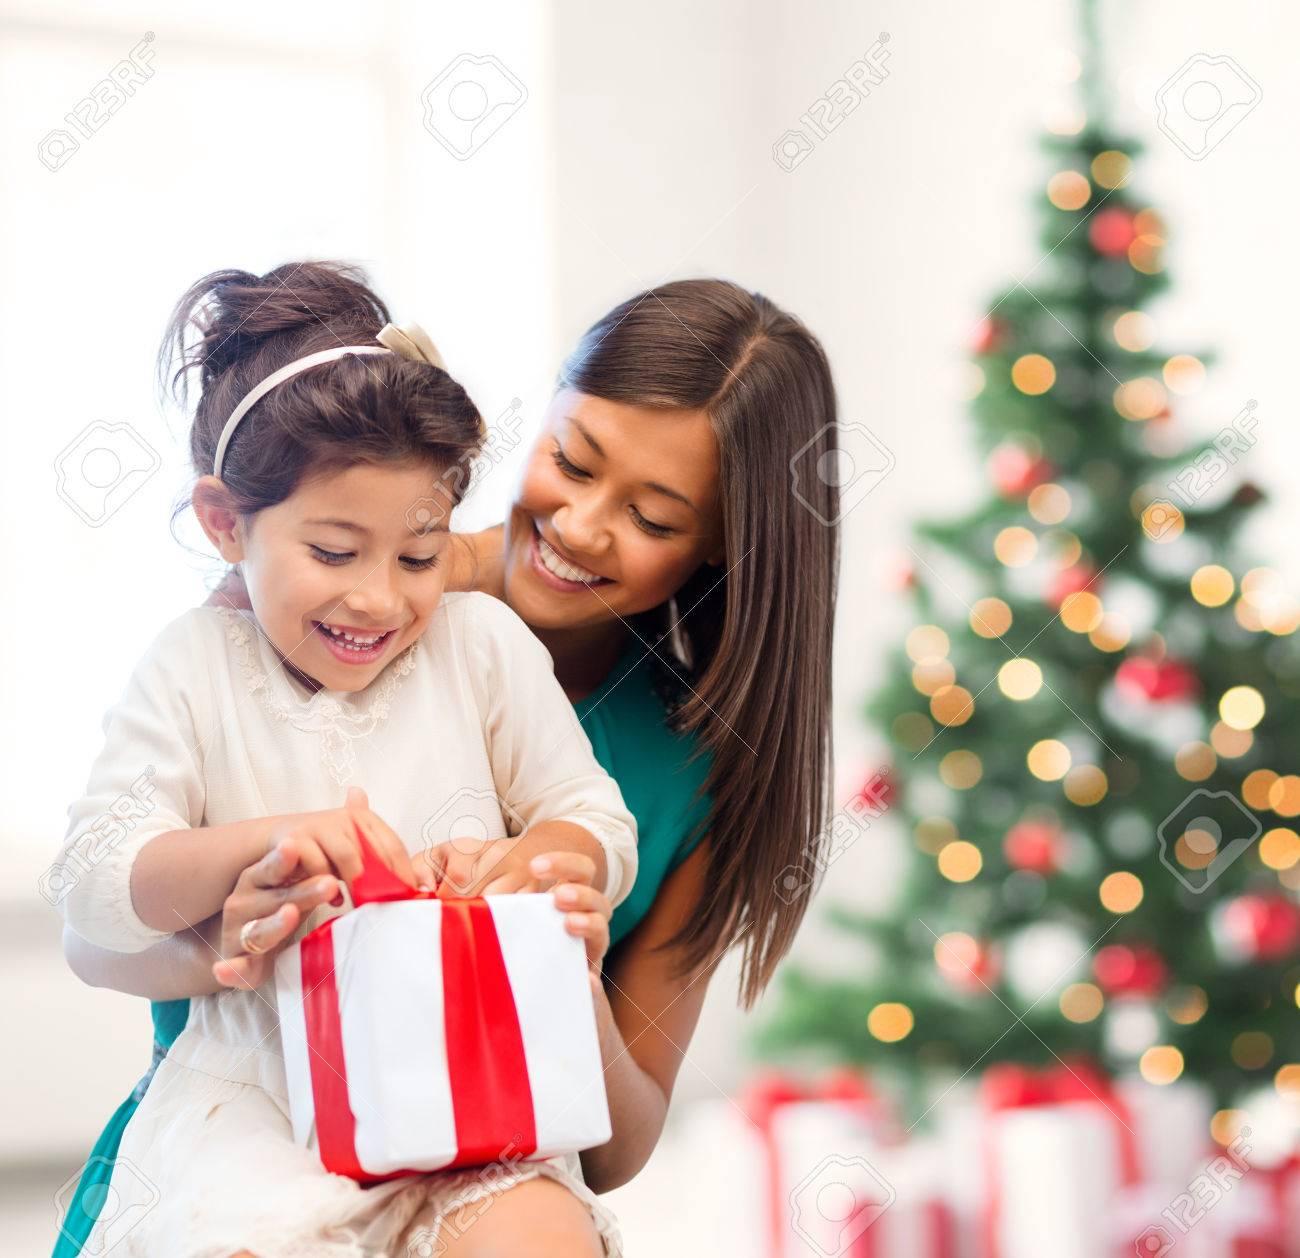 Urlaub, Geschenke, Weihnachten, X-Mas, Geburtstag Konzept ...